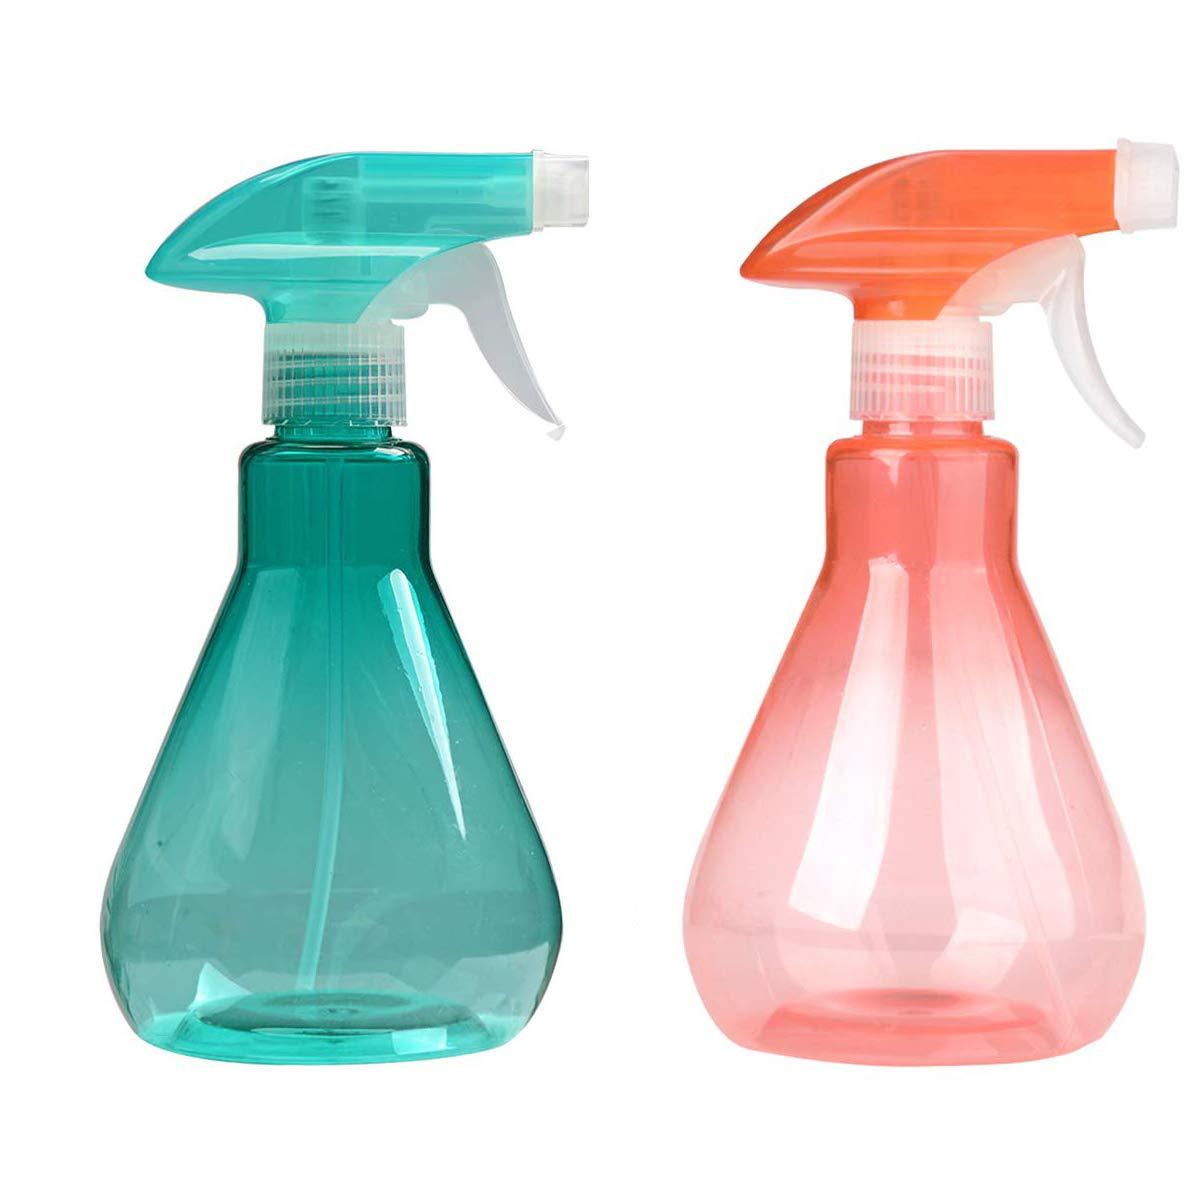 Cymax Botella de Spray vacía de tamaño Grande, 2 Unidades, 500 ml, pulverizador de gatillo Duradero con Modos de Vapor y Flujo para aceites Esenciales, Agua, Cocina, baño y Limpieza